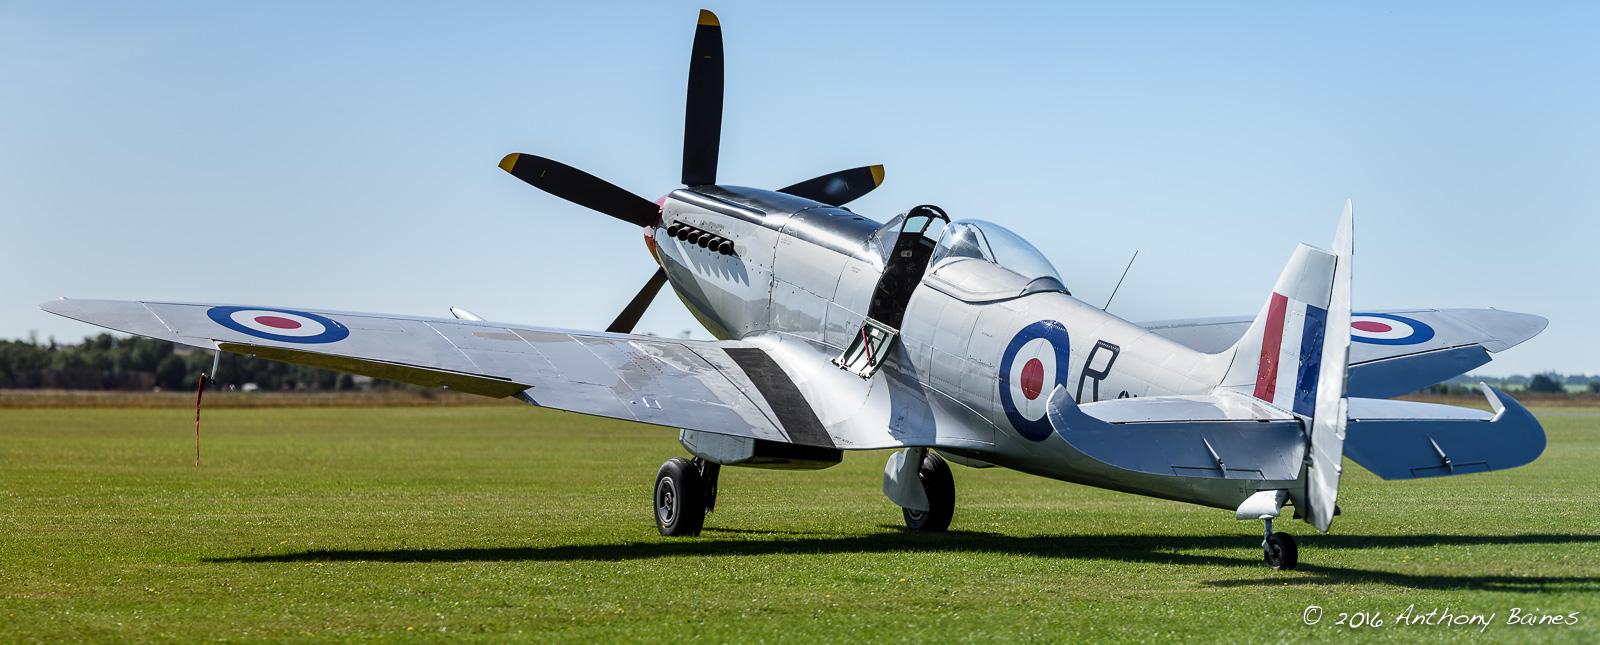 Spitfire SM845